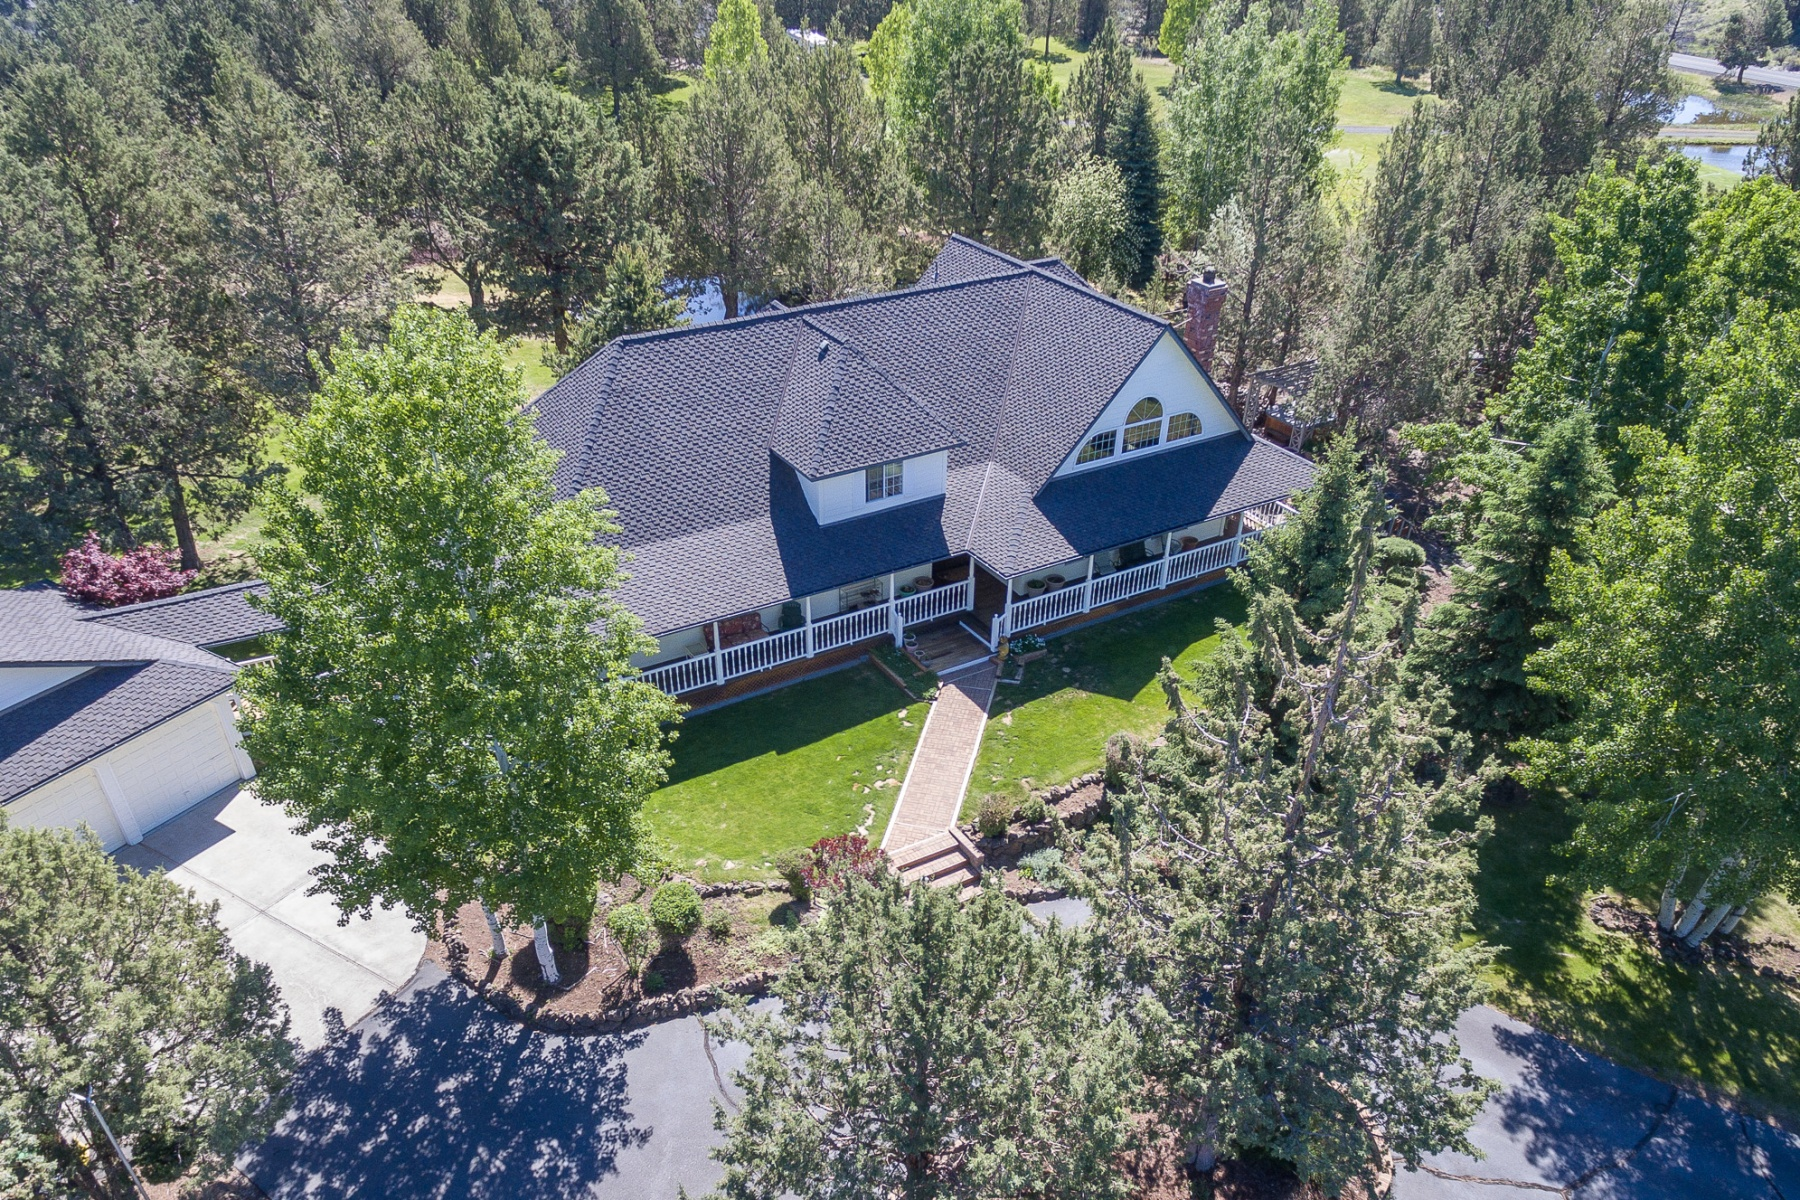 独户住宅 为 销售 在 21936 Bear Creek, BEND 21936 Bear Creek Rd 本德, 俄勒冈州, 97701 美国